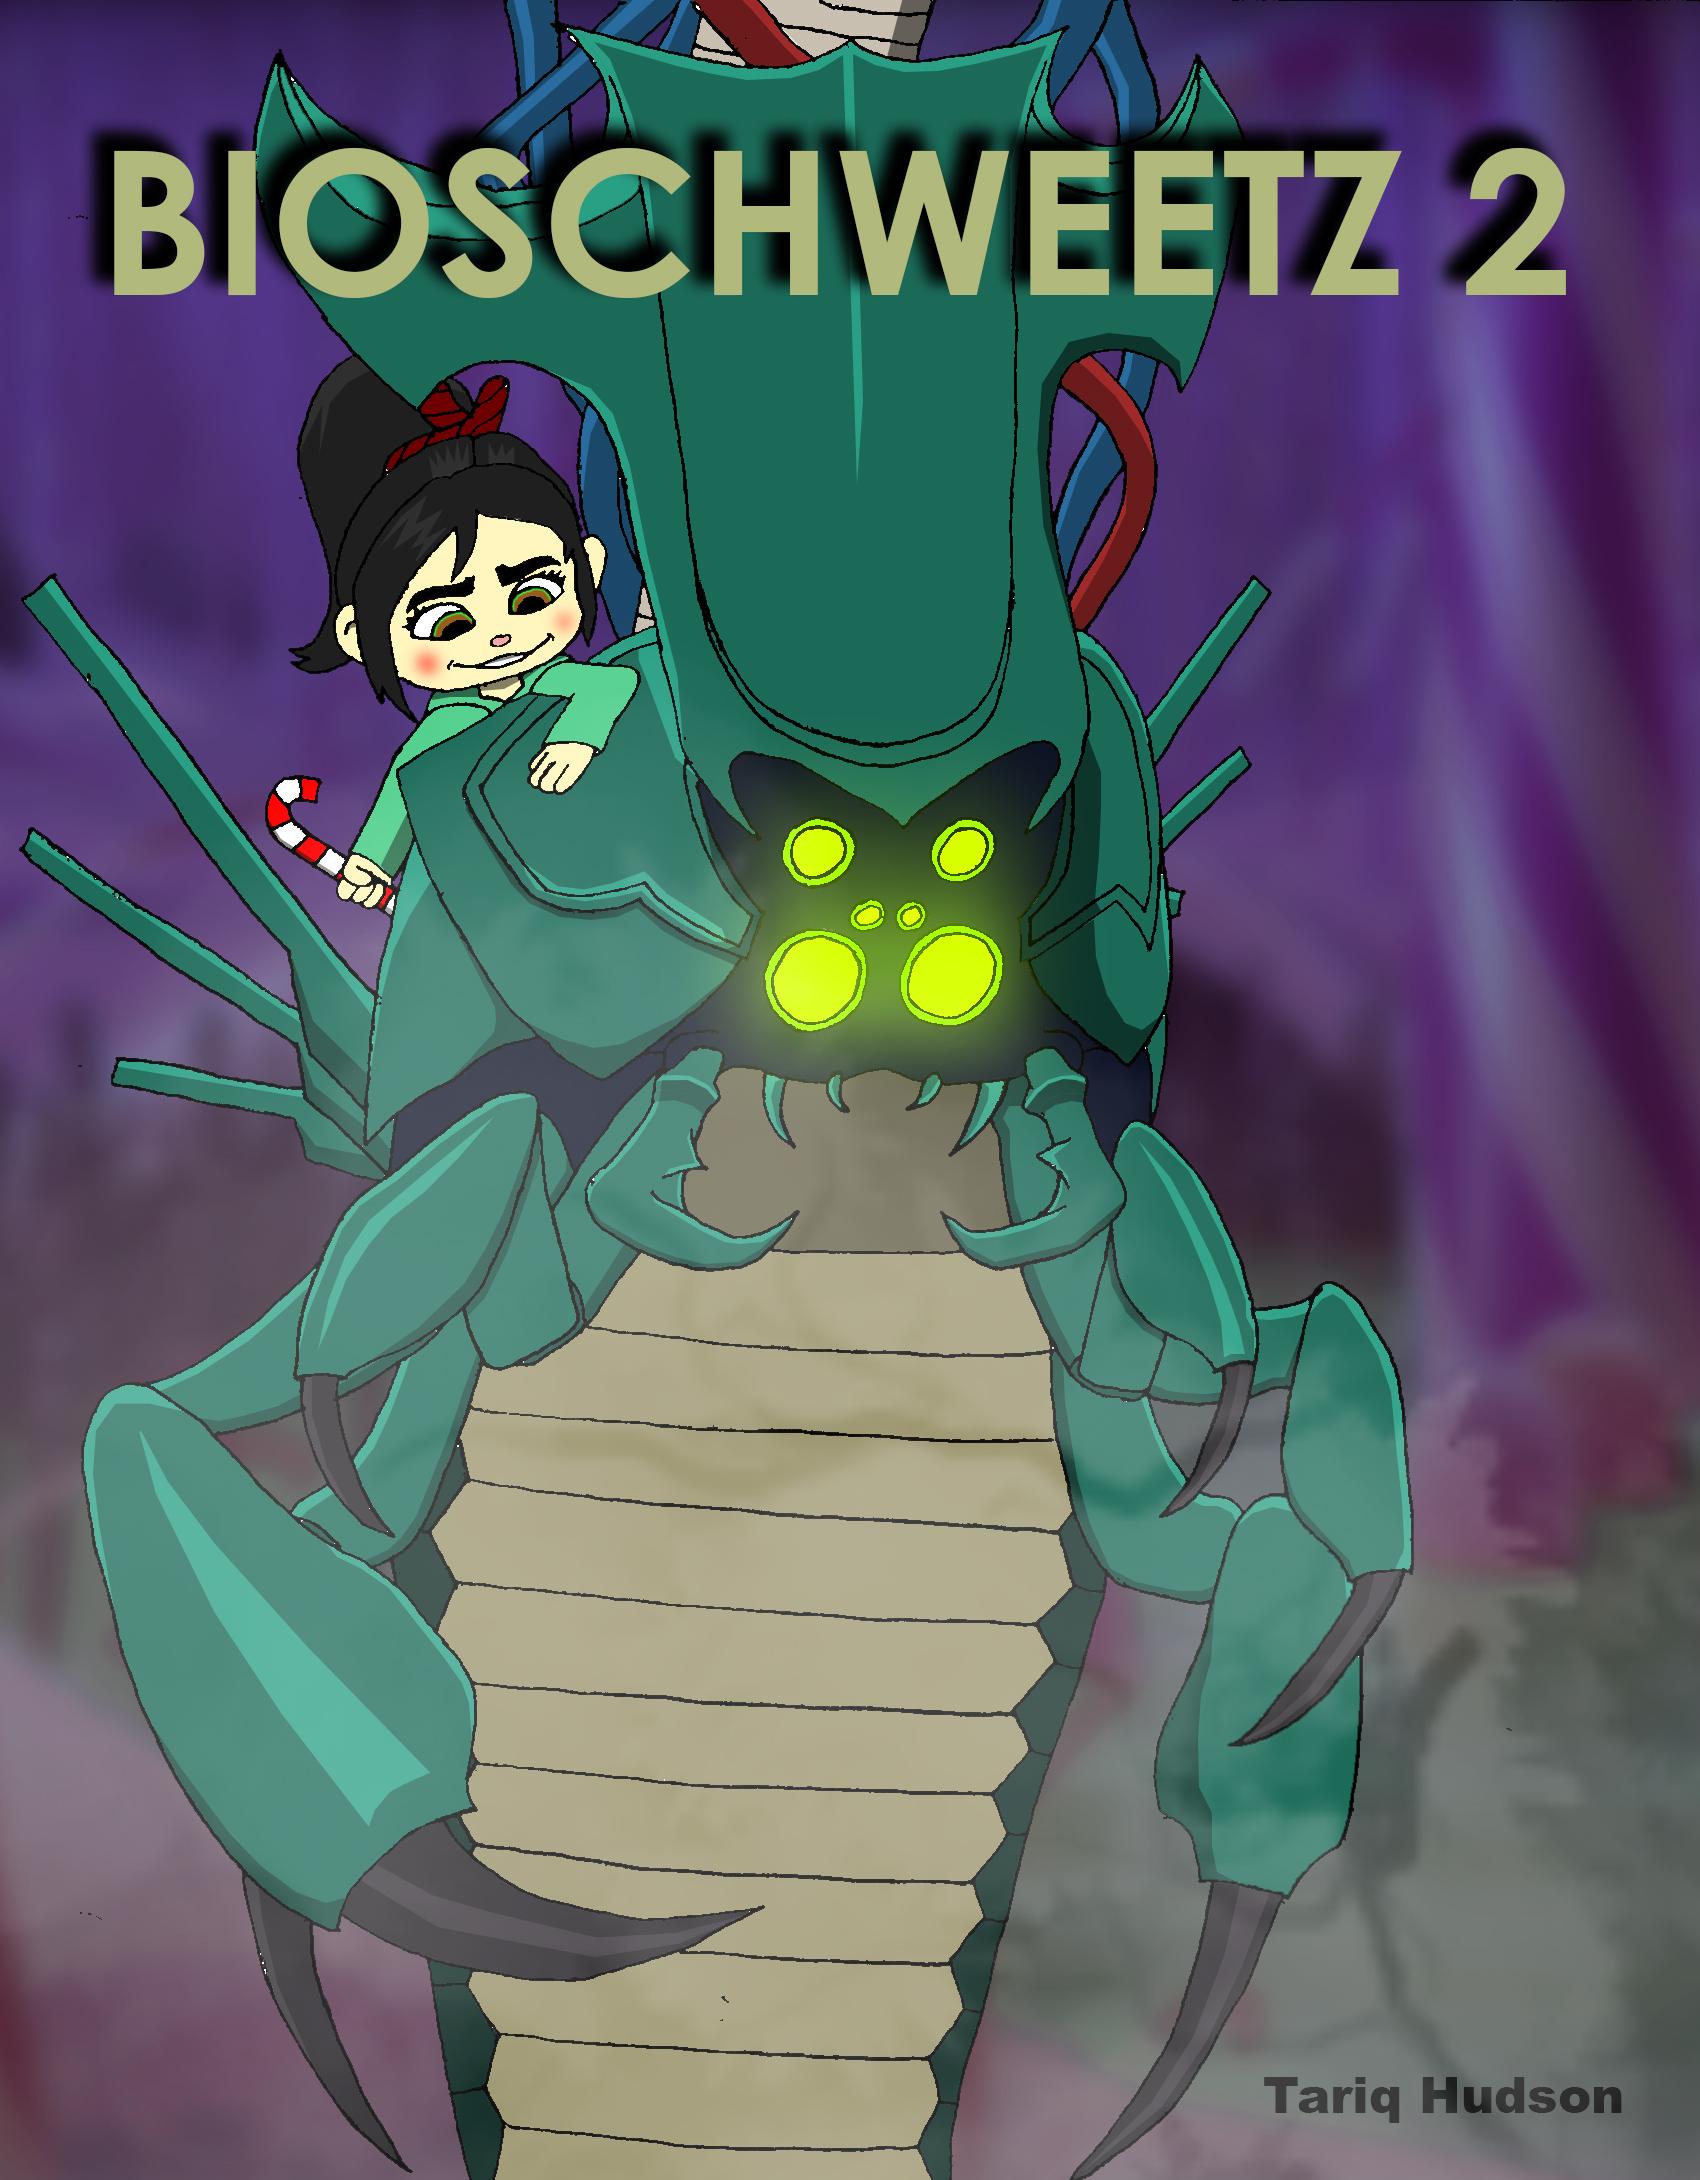 BioSchweetz 2